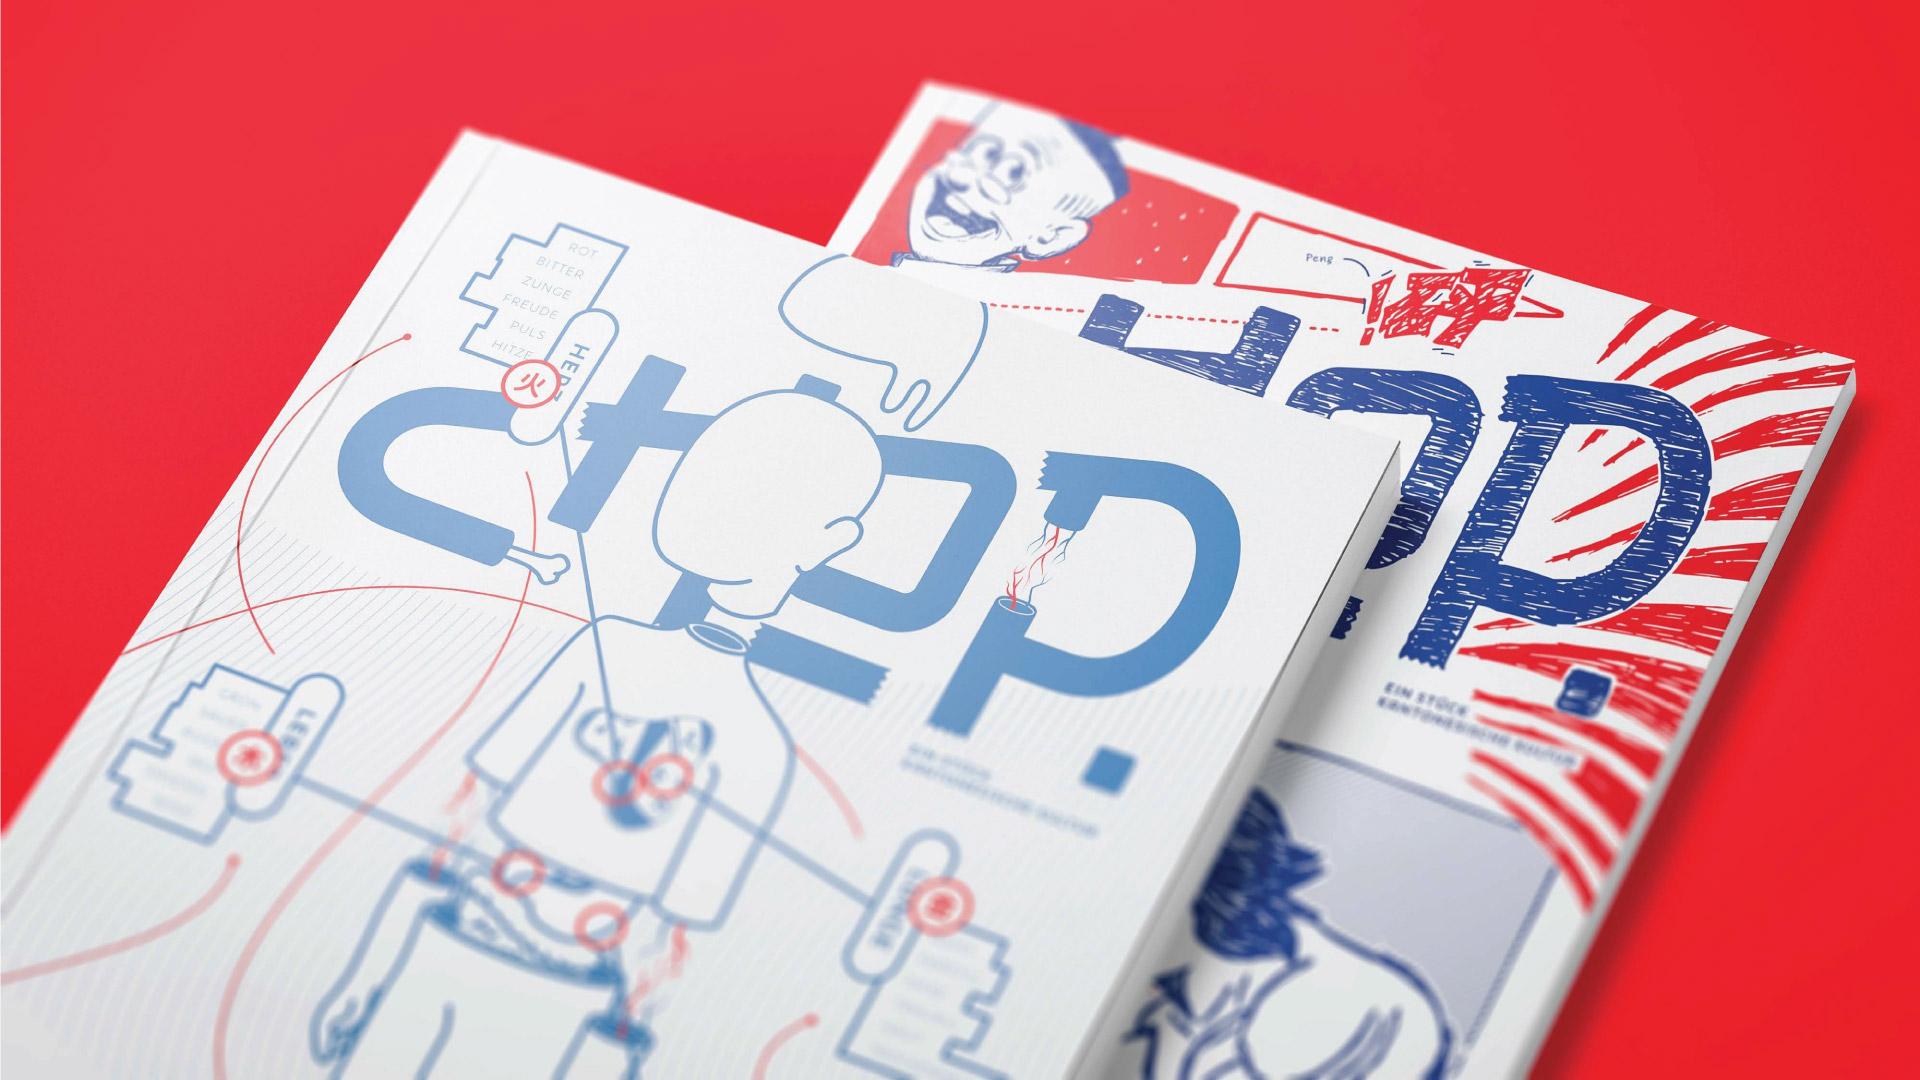 Endformat Designstudio. Design in Konstanz am Bodensee. Chop Mook-Magazine Design